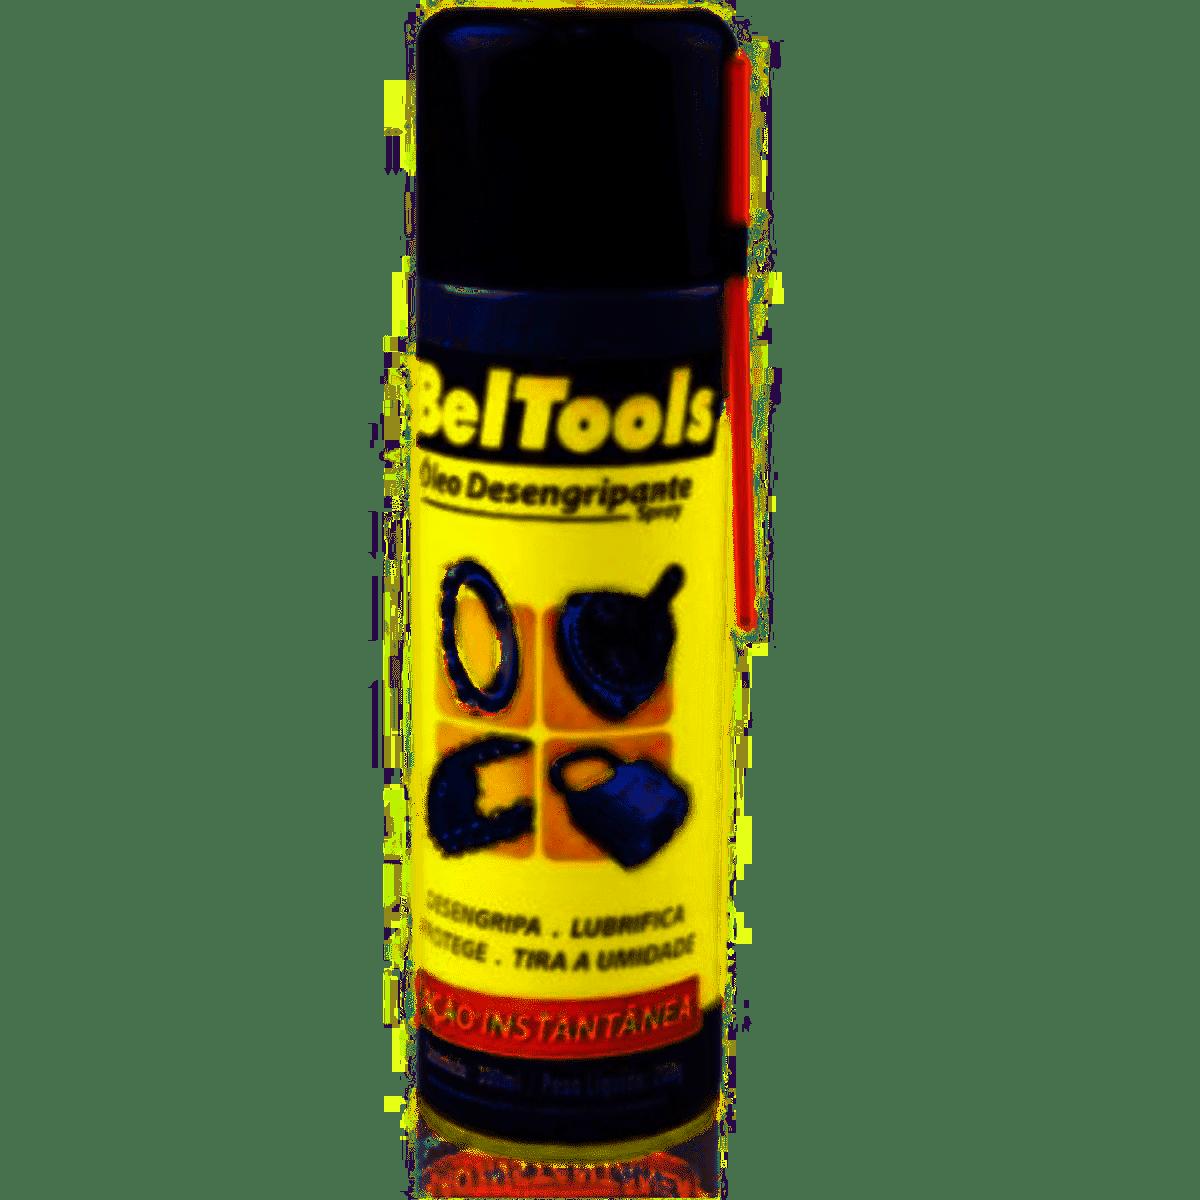 Desengripante Spray 300ml